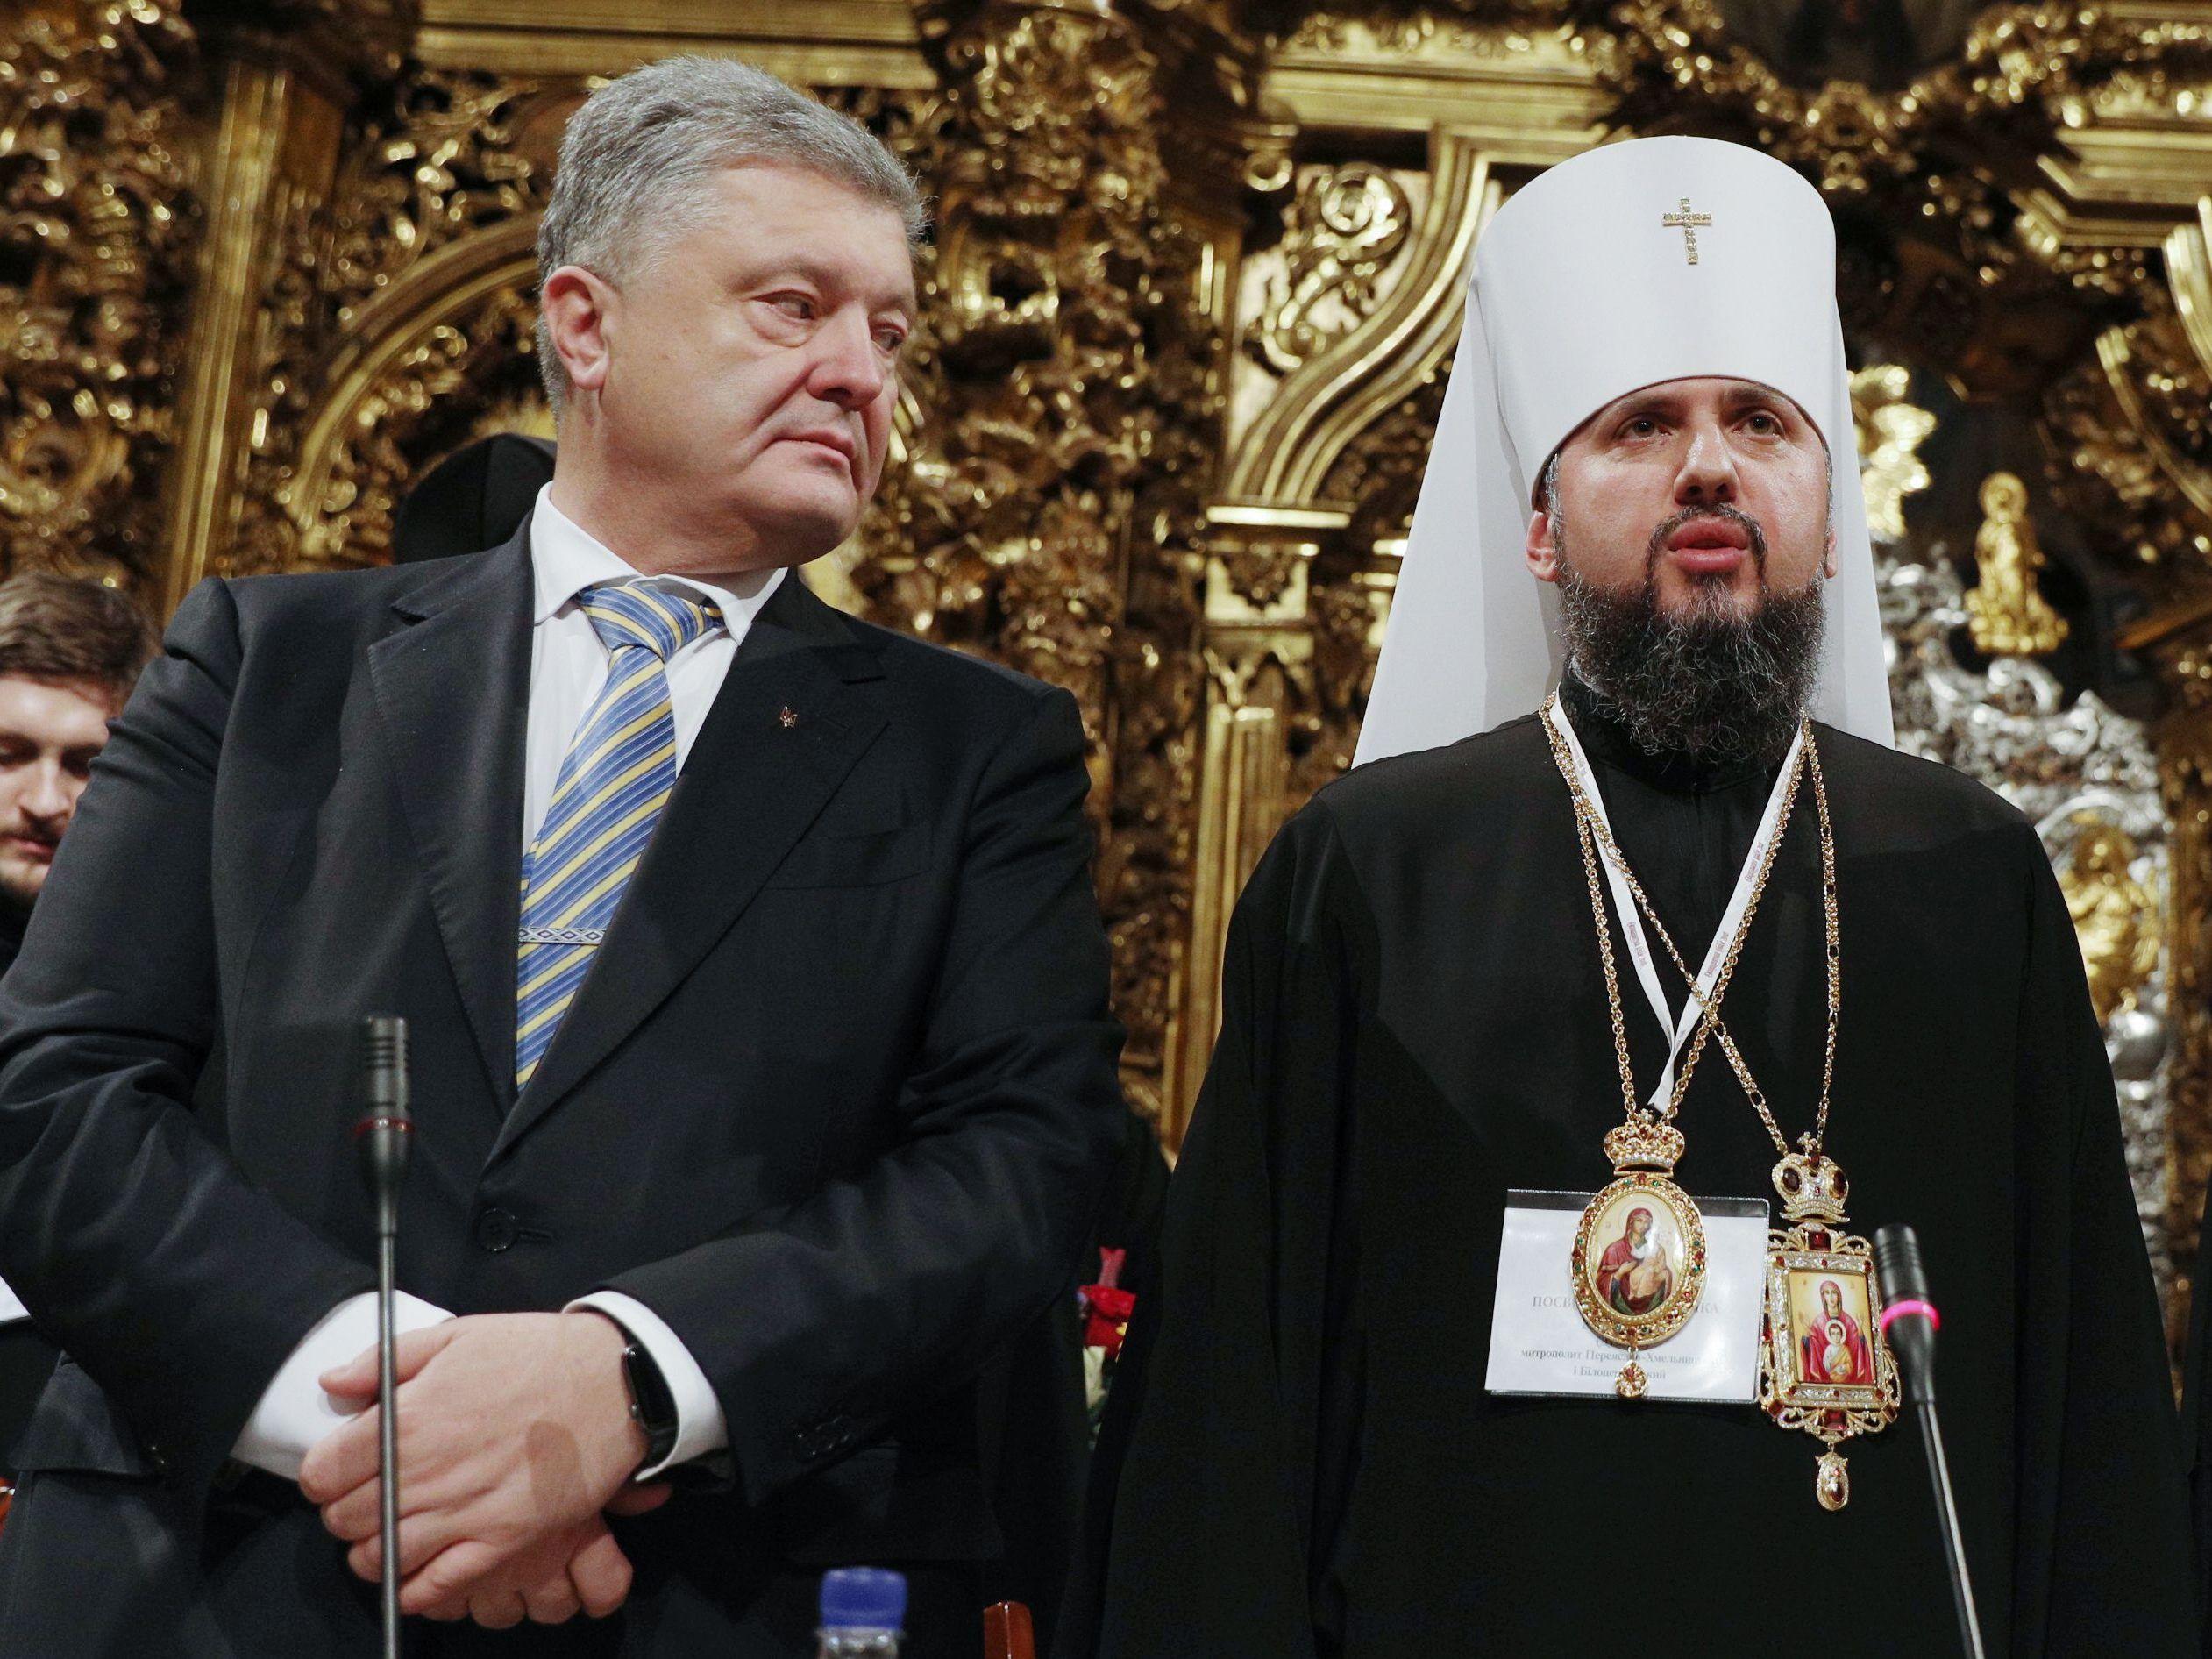 Orthodox Regeln/Vorschriften? (Religion, Christentum, Glaube)